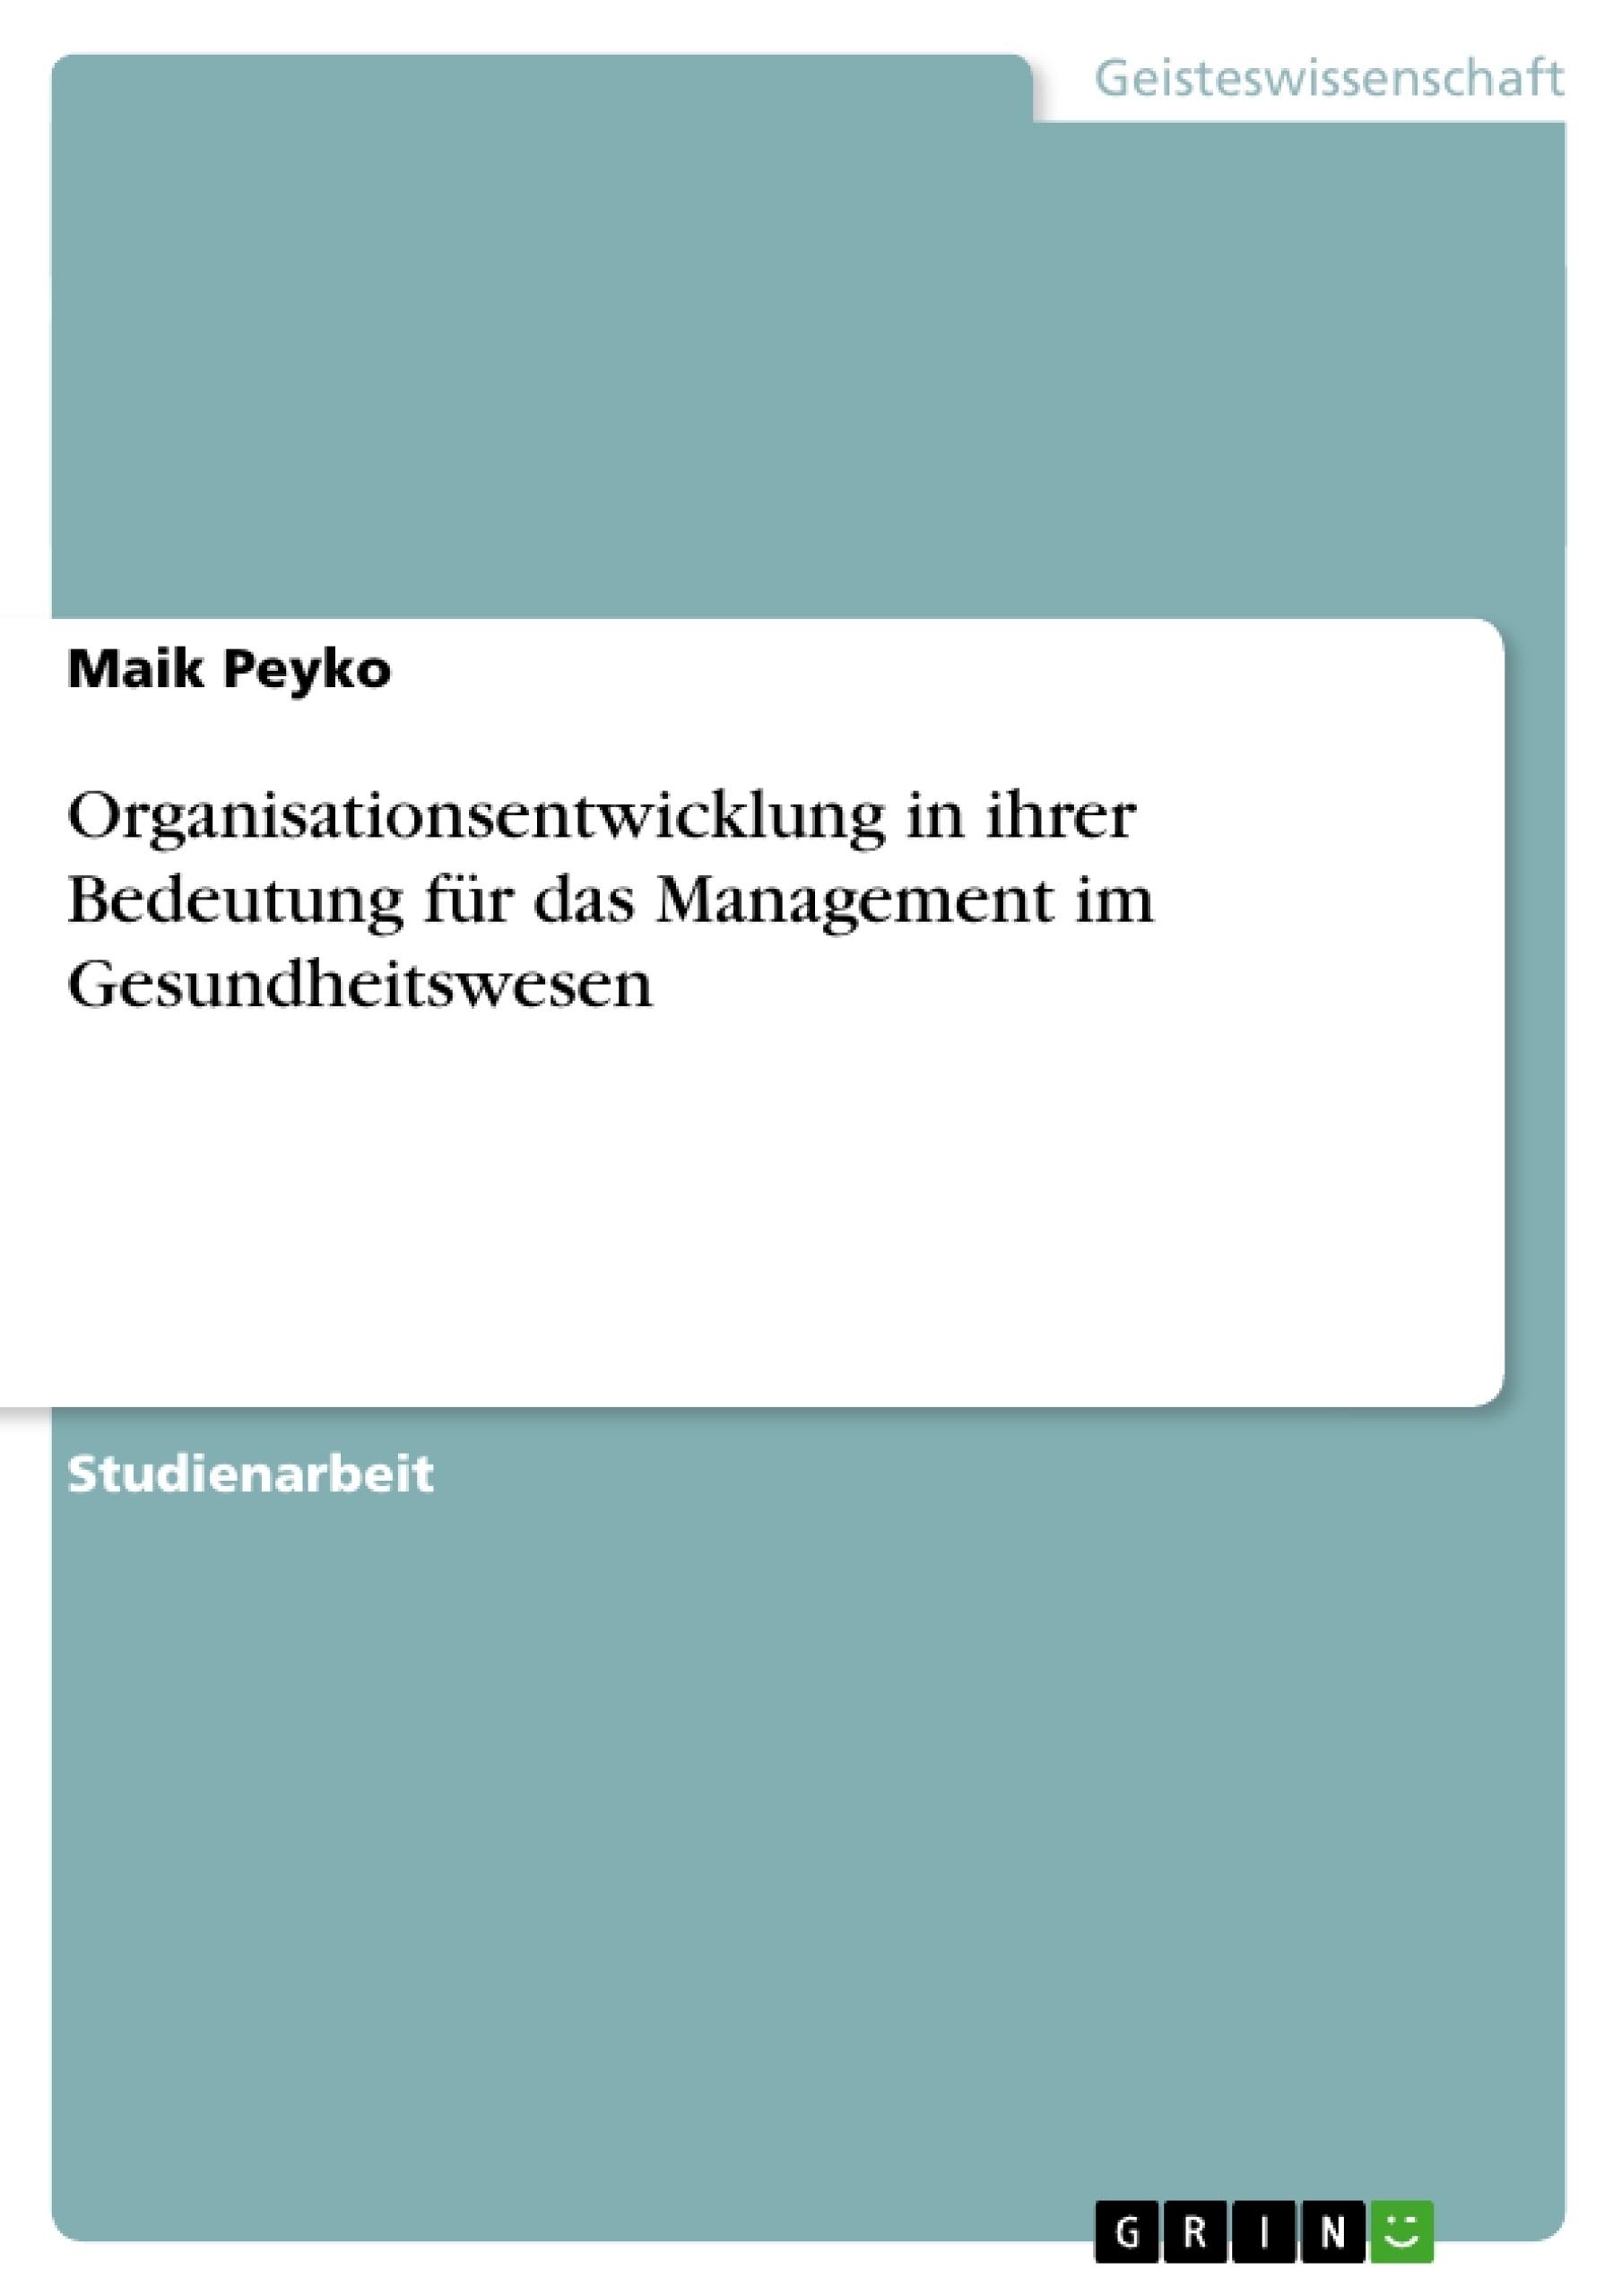 Titel: Organisationsentwicklung in ihrer Bedeutung für das Management im Gesundheitswesen